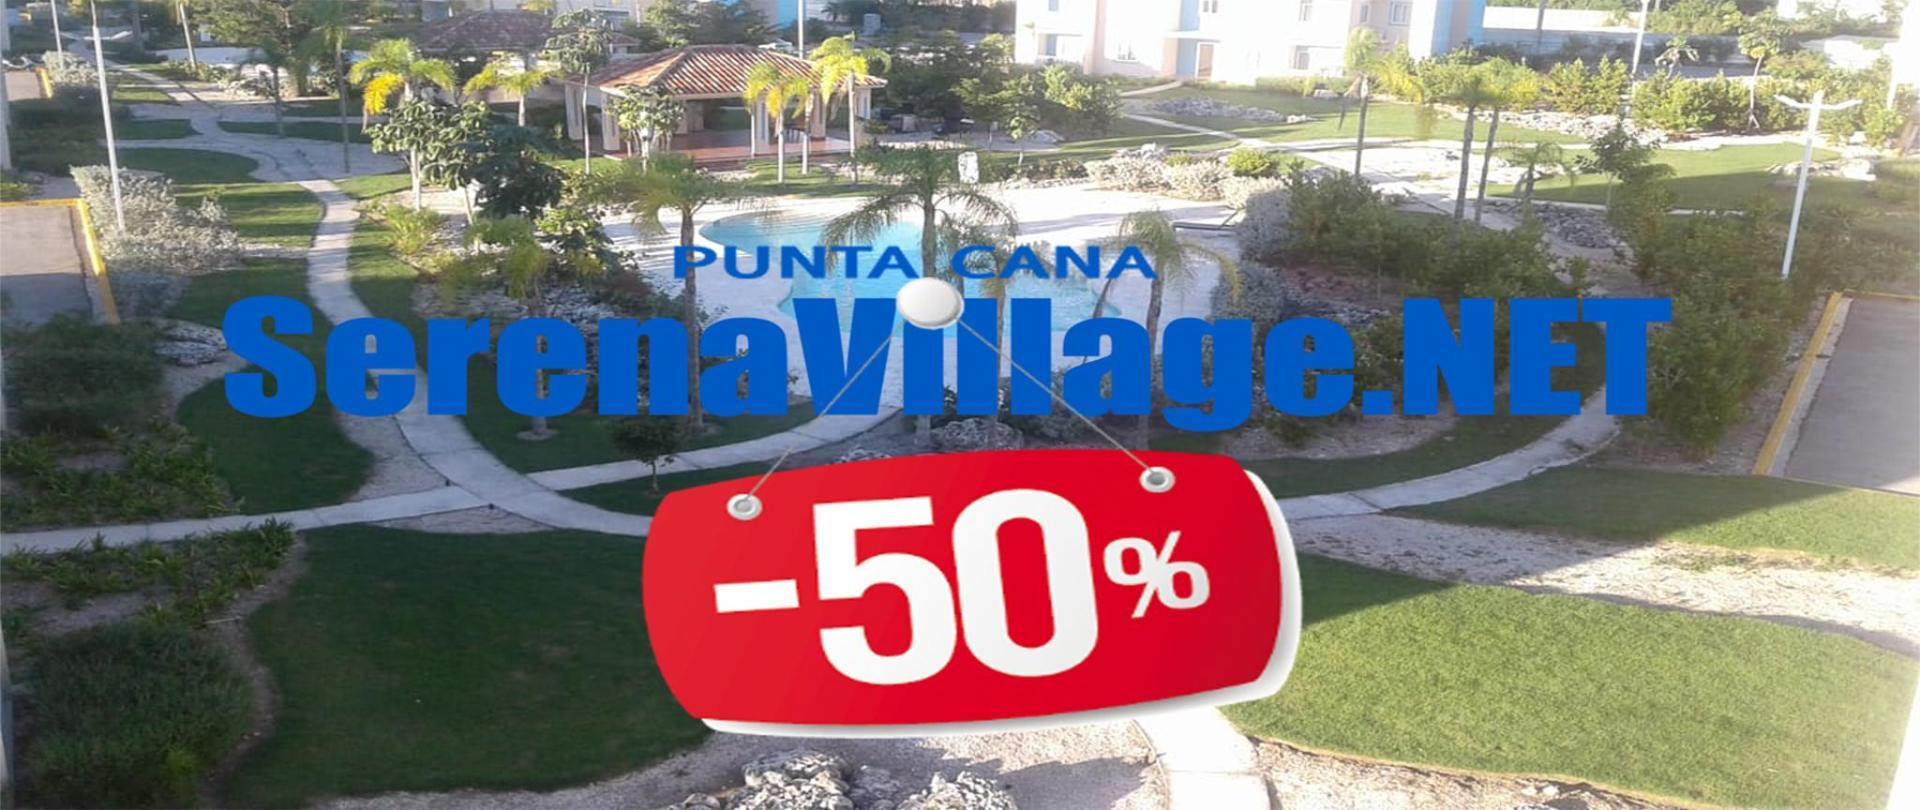 Serena Village - Vista Aerea.png